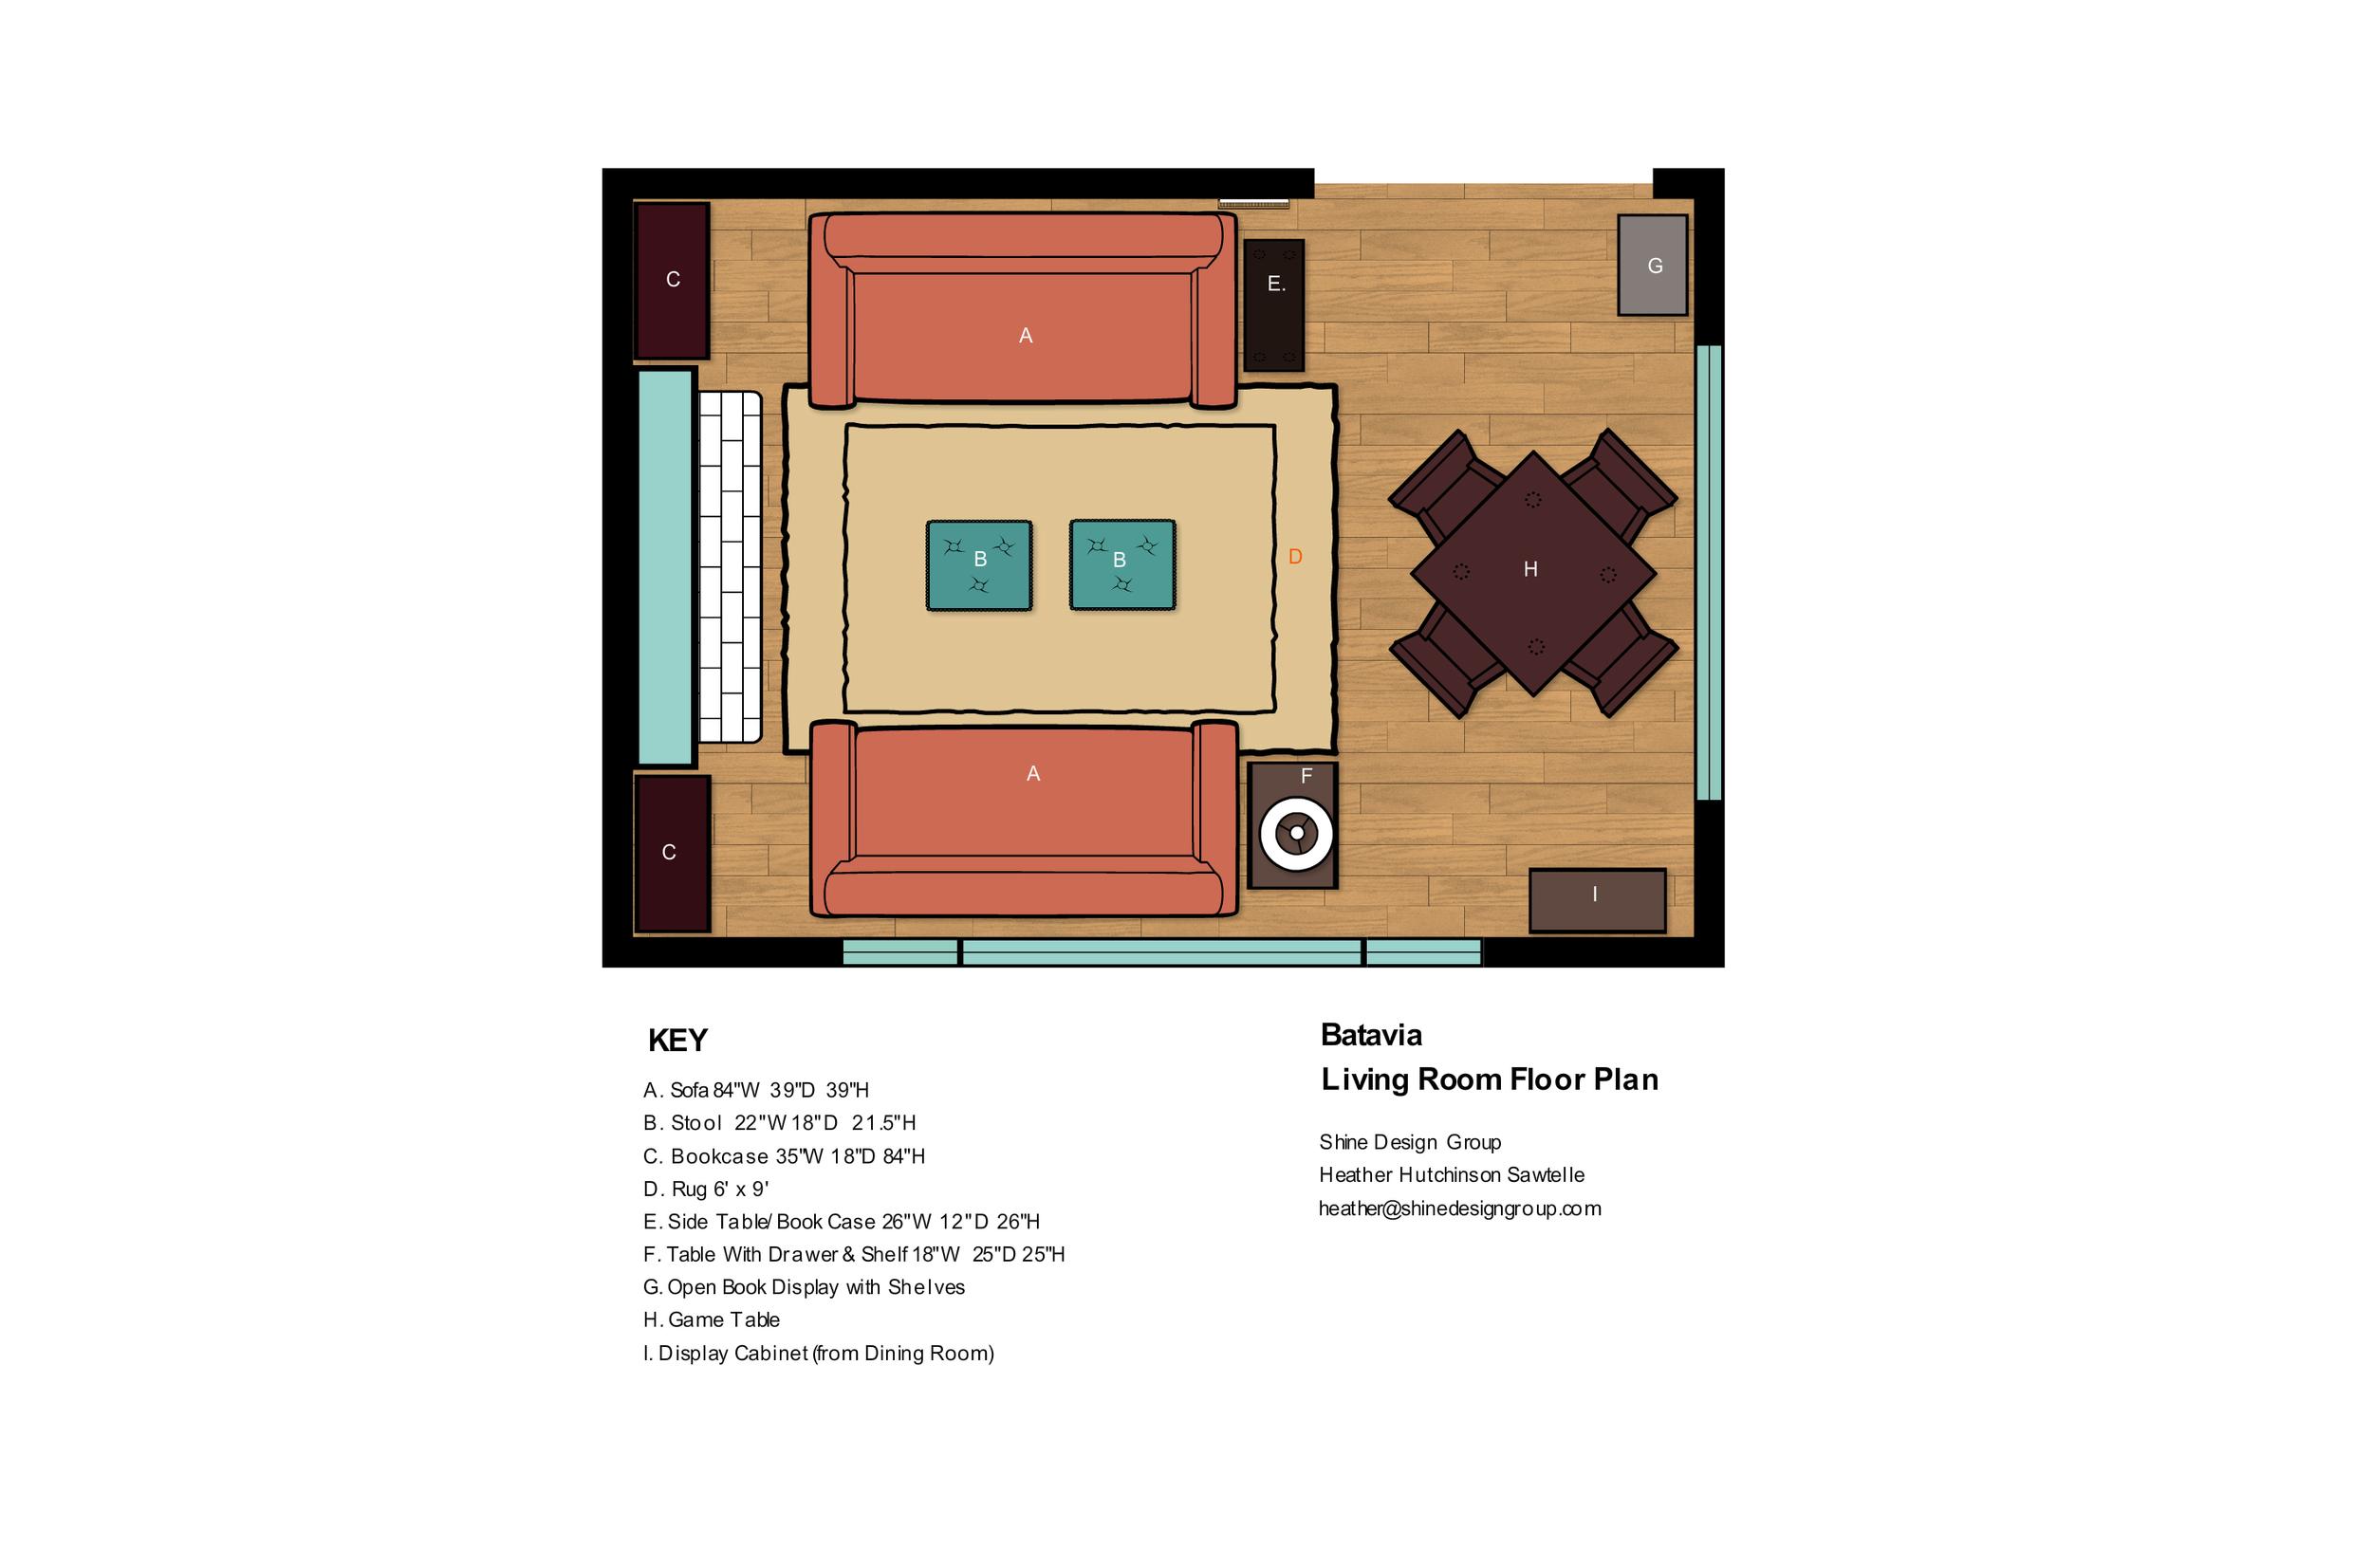 Batavia Living Room Floor Plan Final.jpg